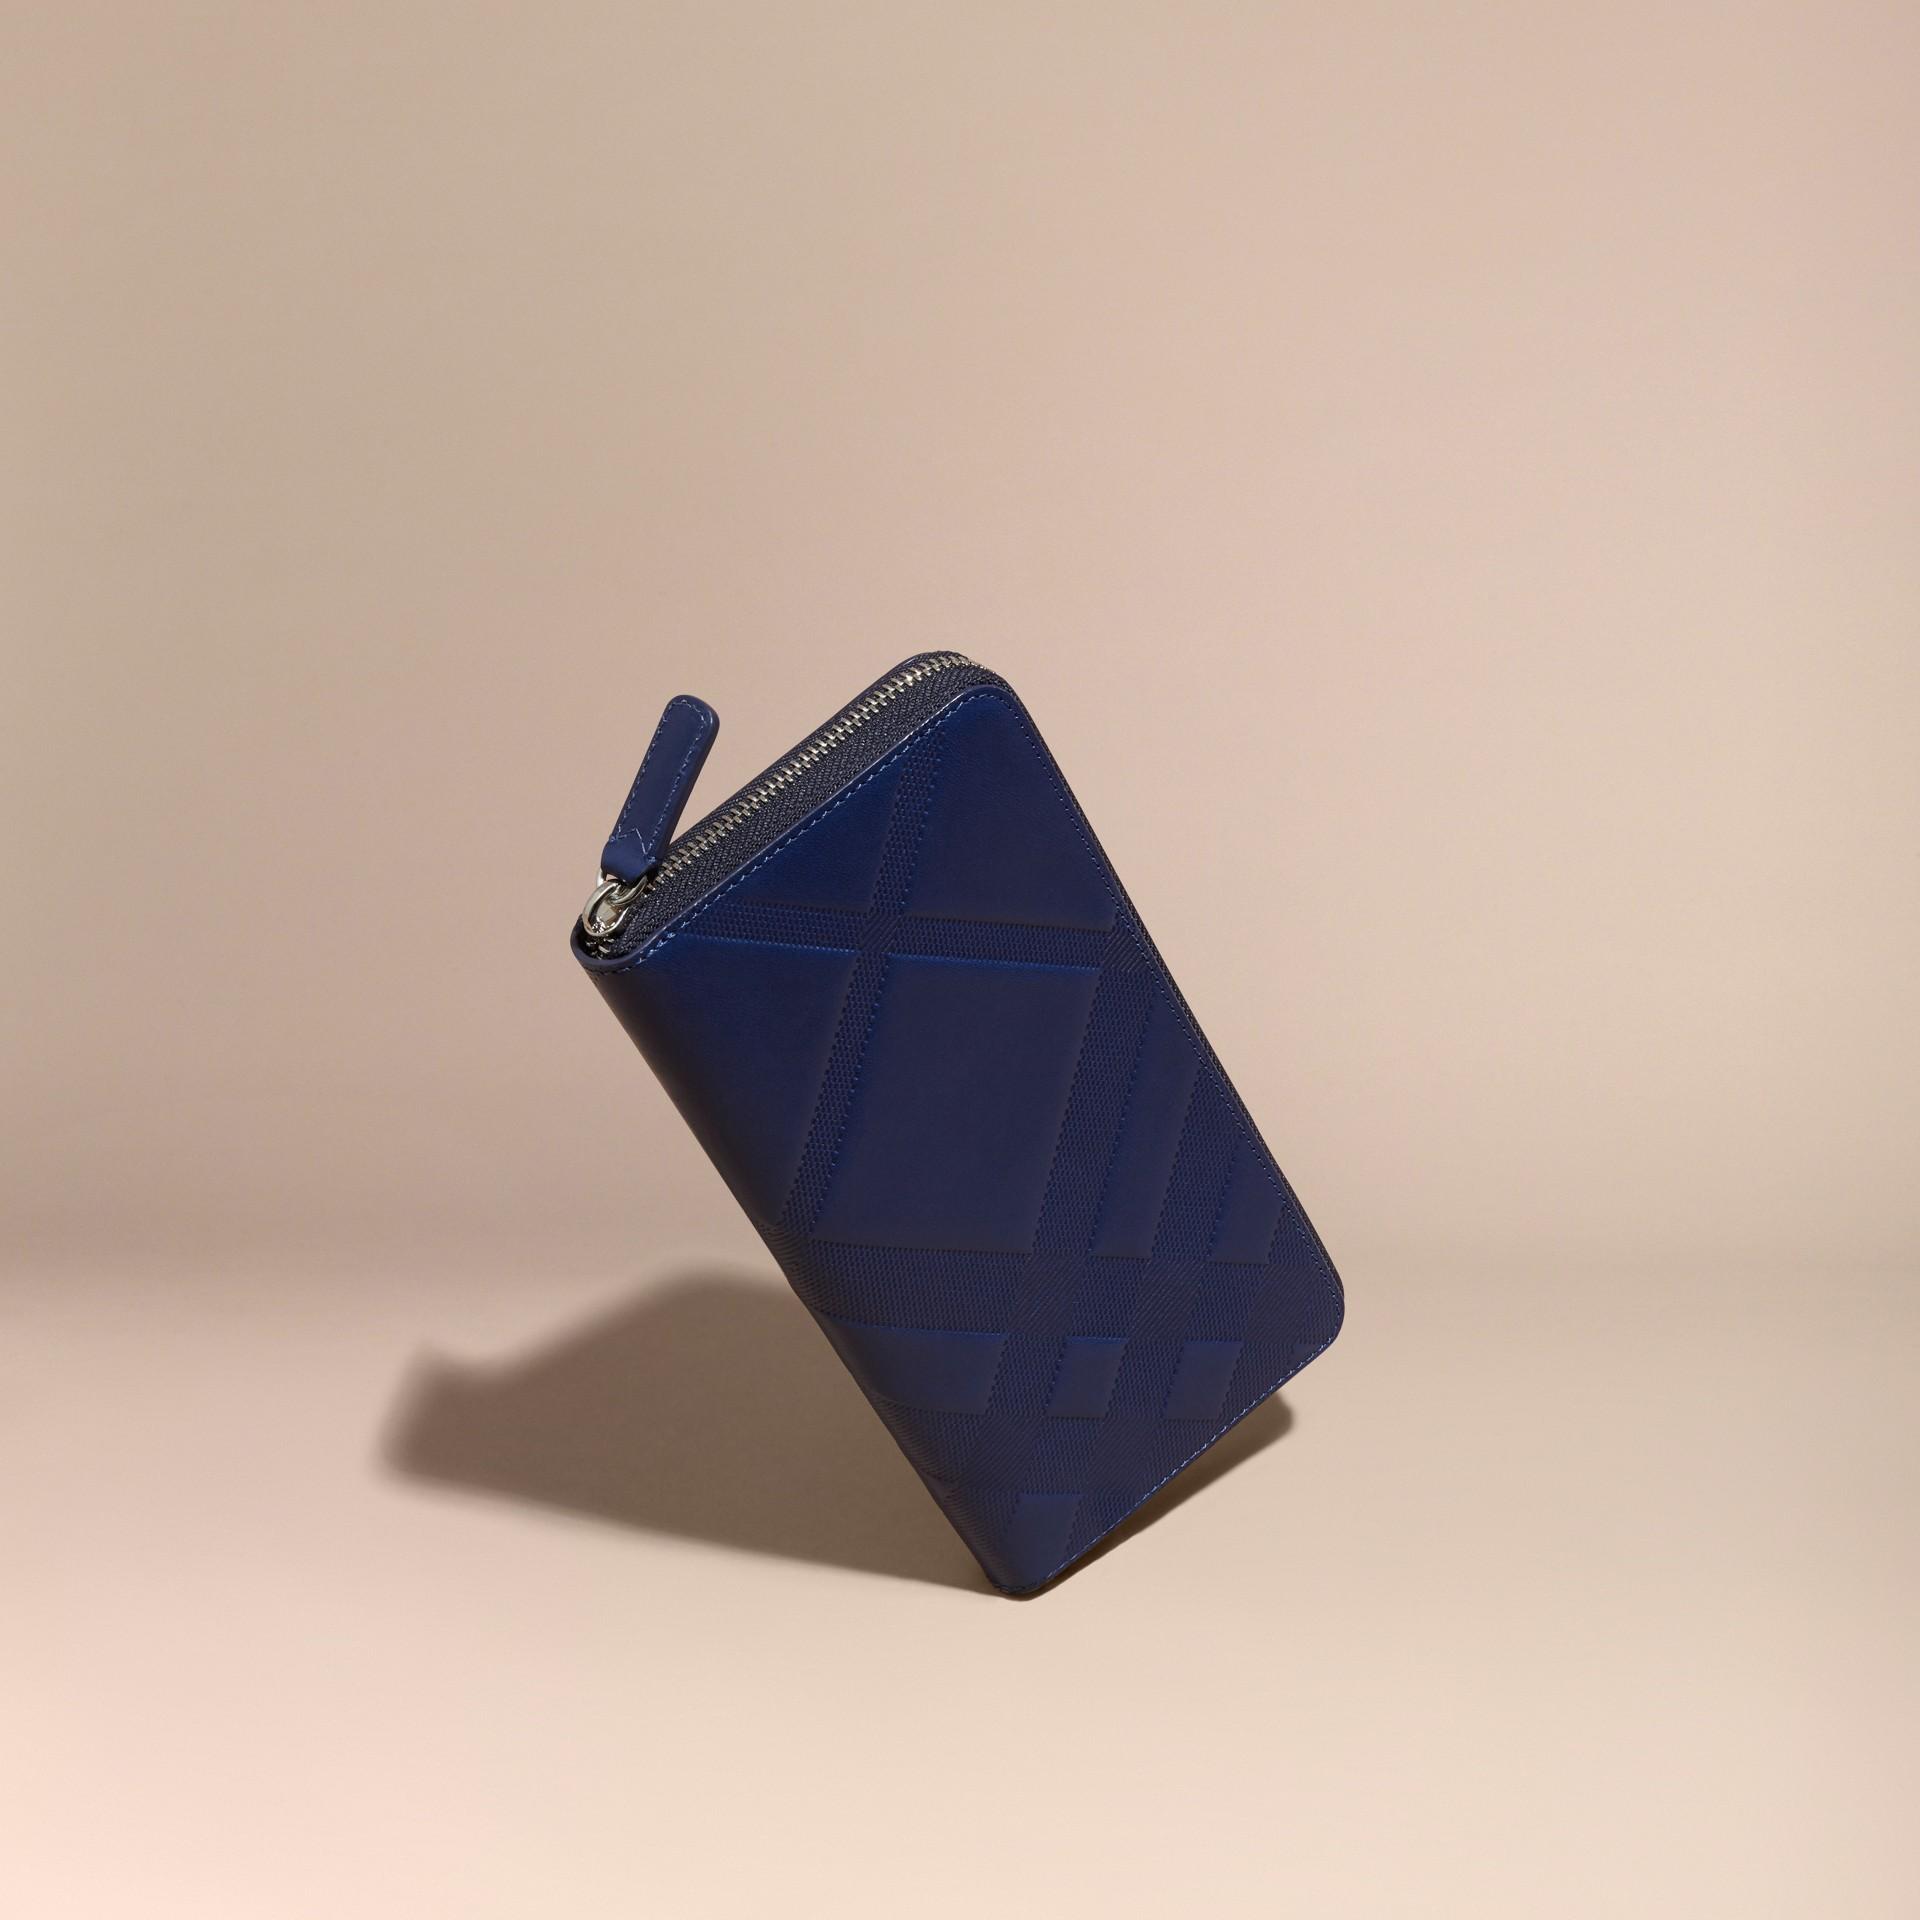 Bleu lapis Portefeuille zippé en cuir à motif check estampé Bleu Lapis - photo de la galerie 1